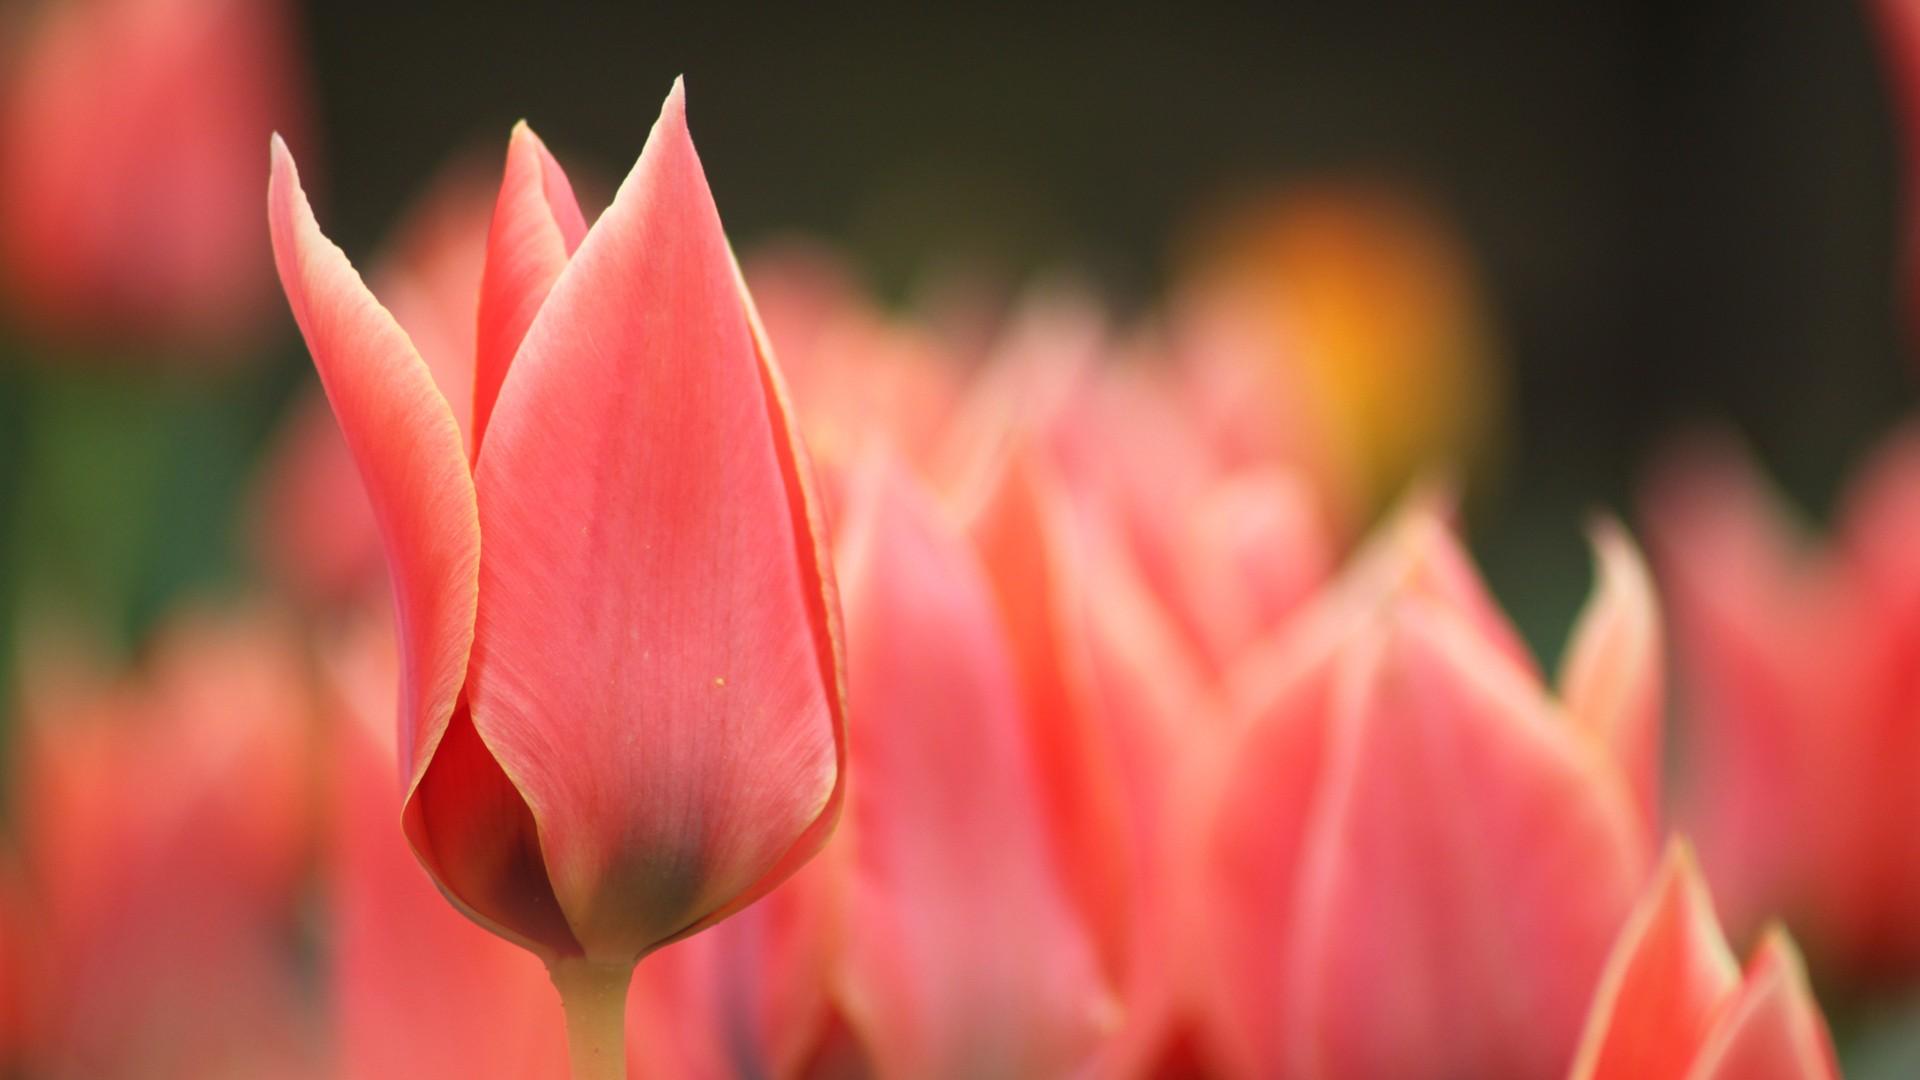 Flor tulipan roja - 1920x1080